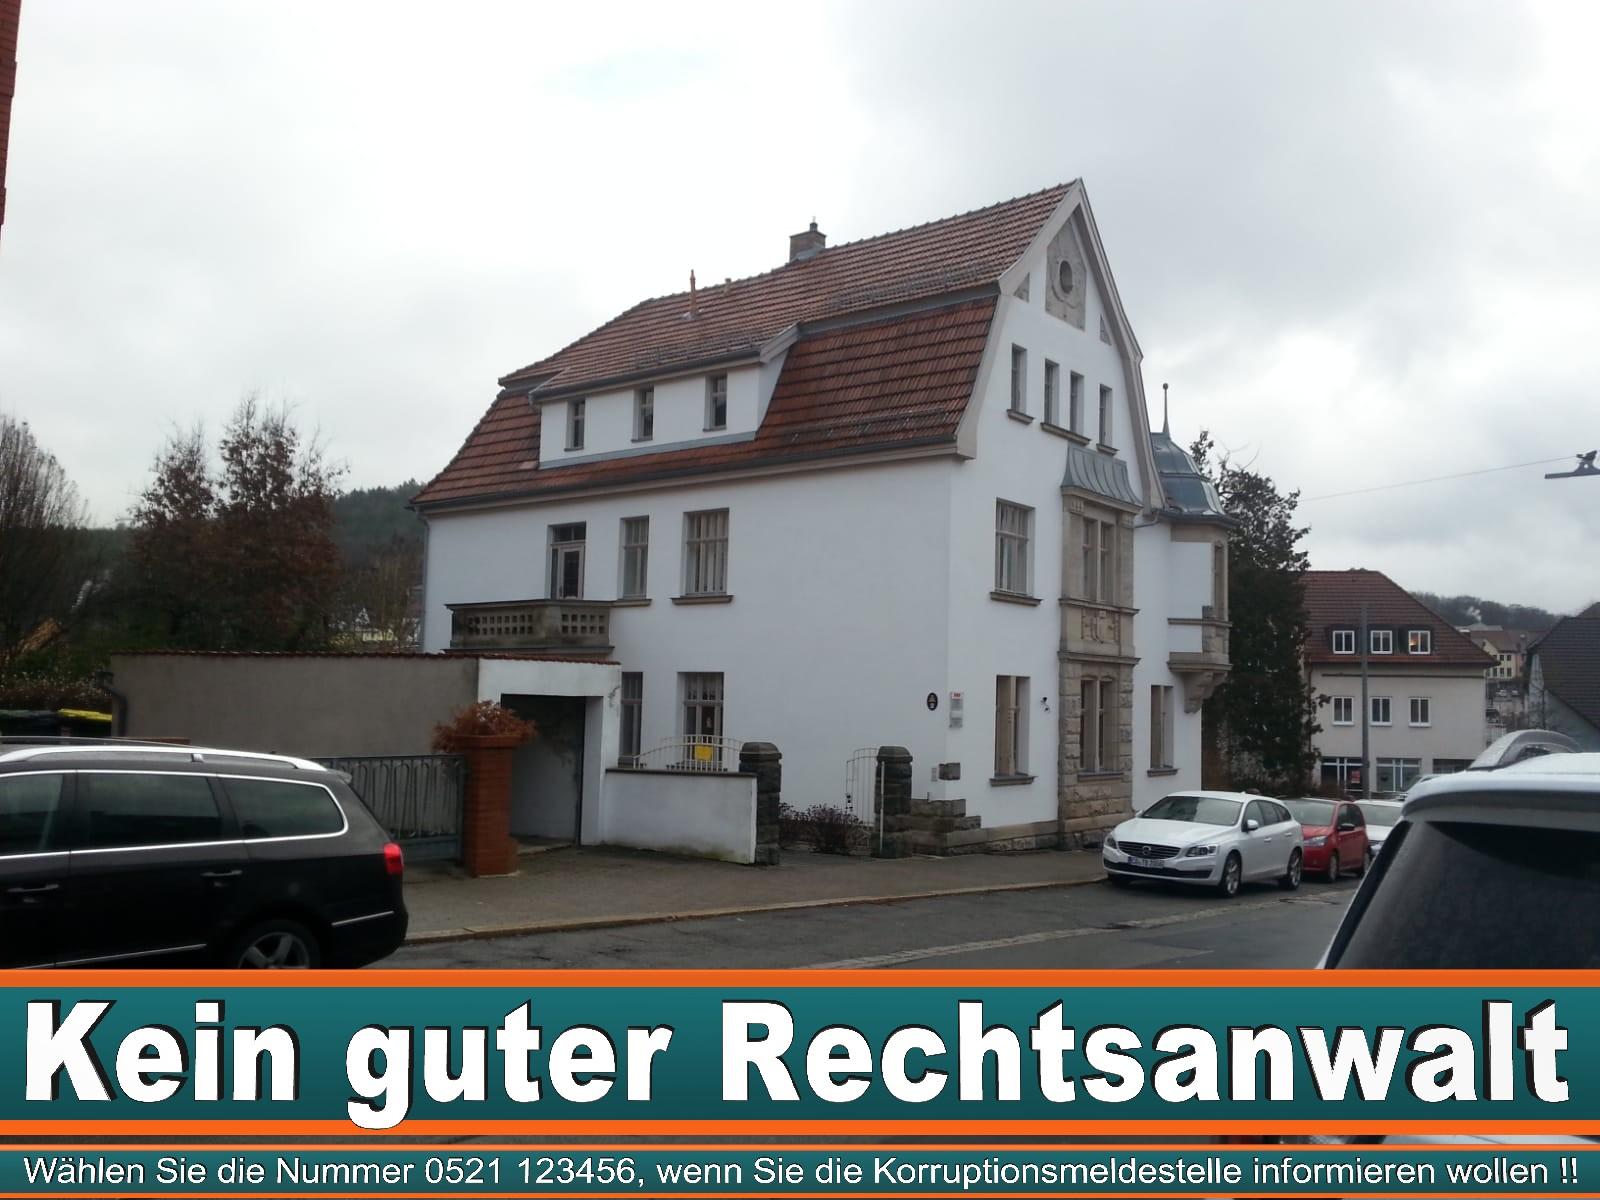 Rechtsanwaltskanzlei Stephan Claus Marienstrasse 2 Neustadt Rechtsanwalt Stephan Claus 0 (1)